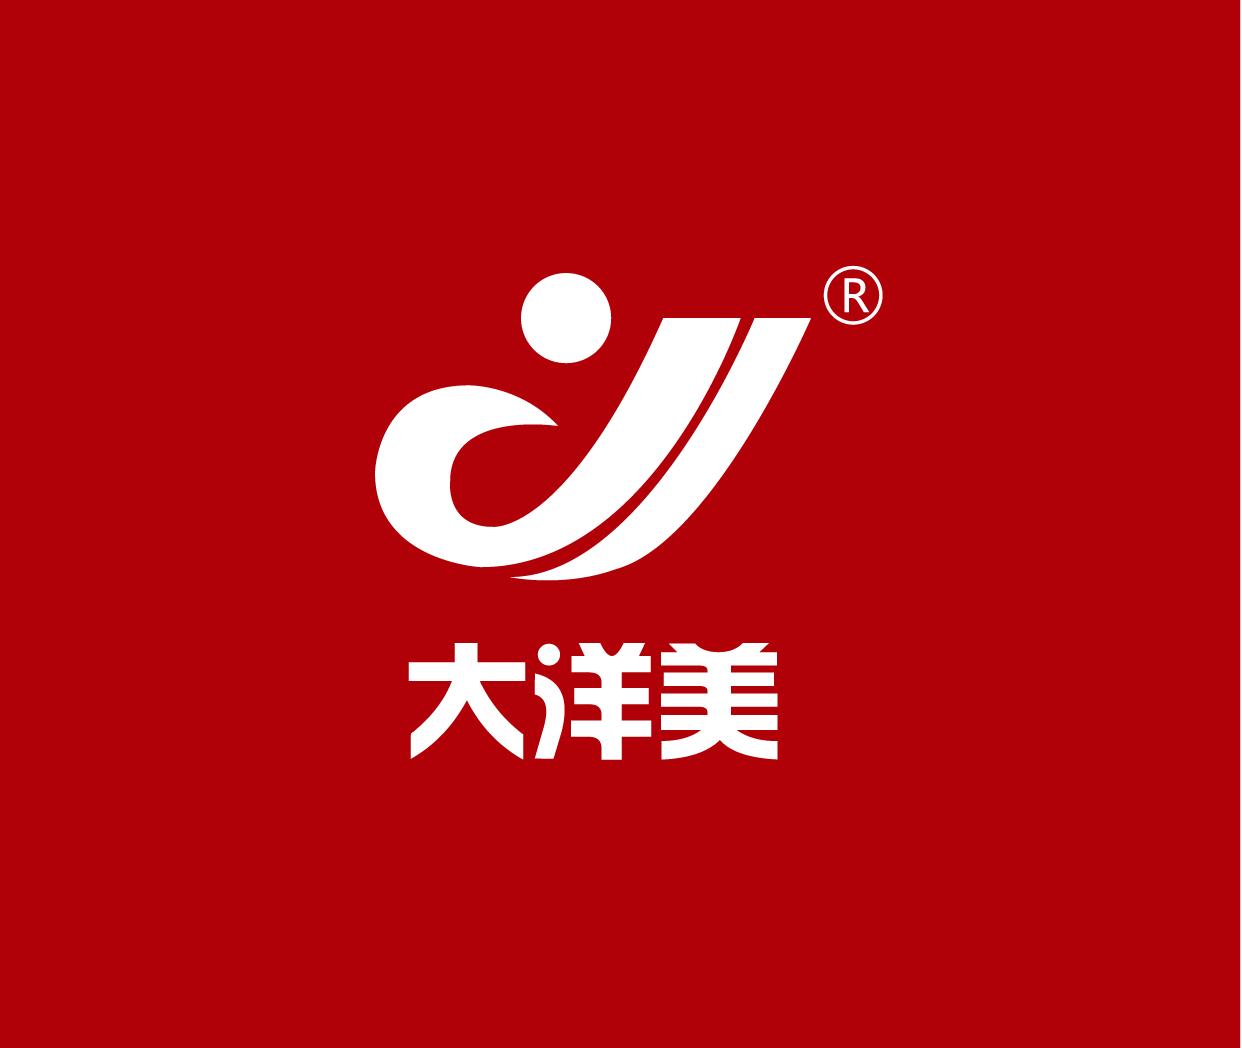 漳州臺商投資區大洋食品有限公司